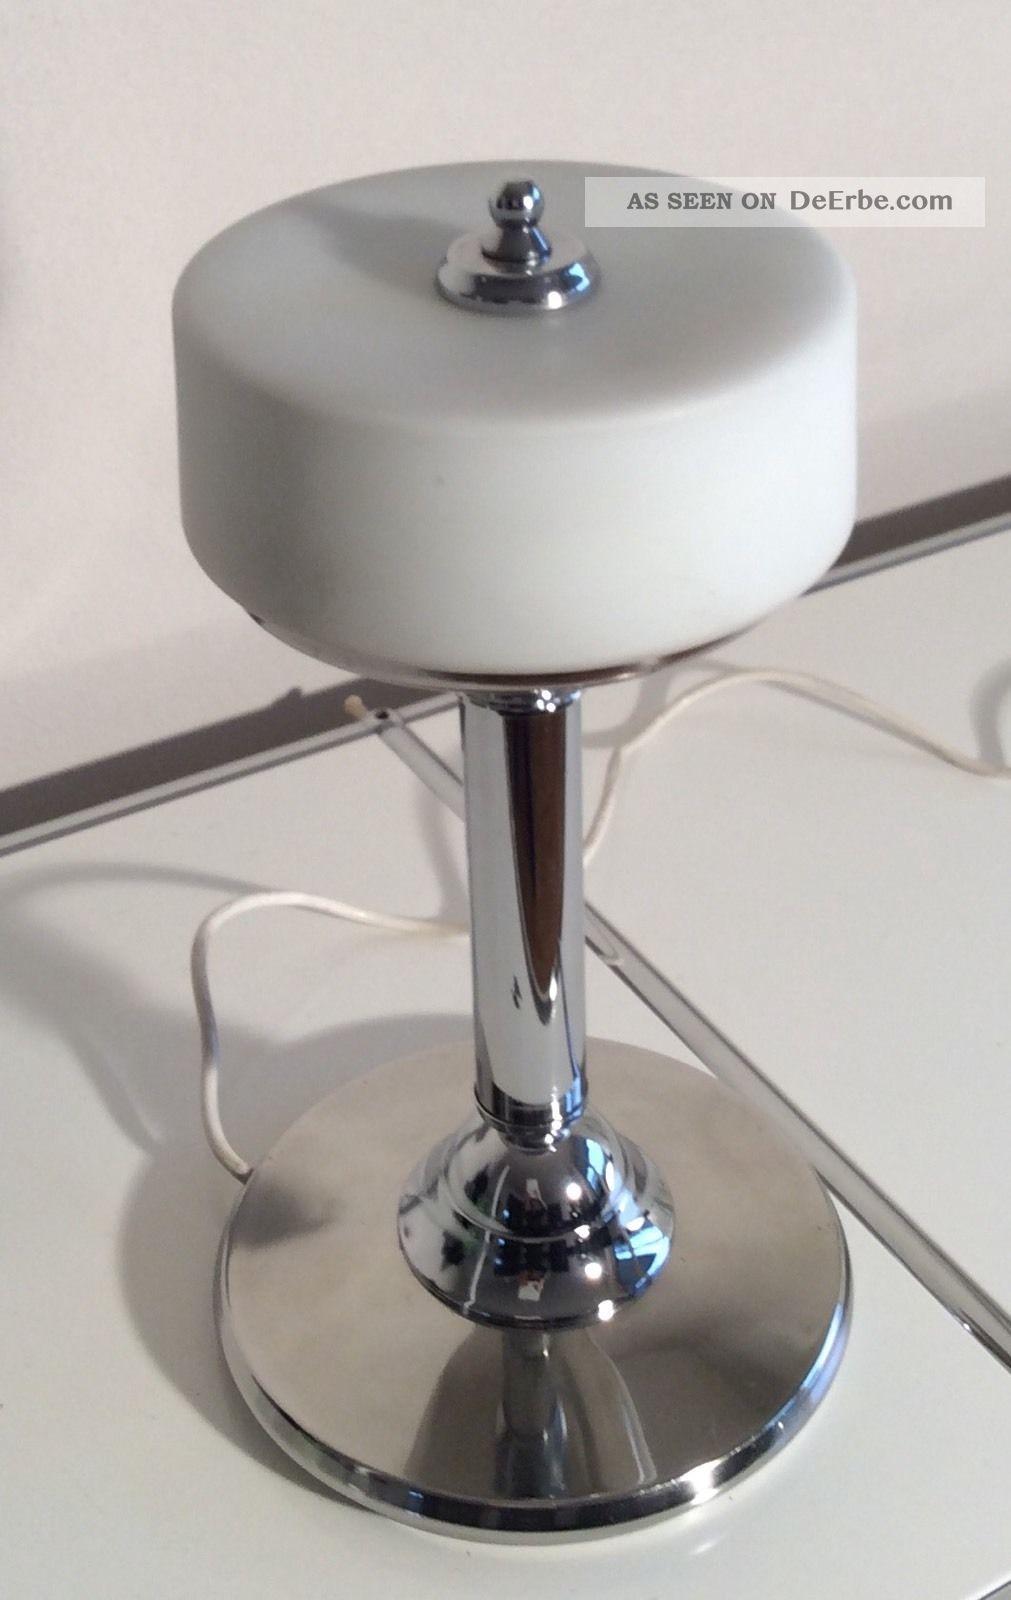 tischlampe wagenfeld lindner xl spiegel lampe wilhelm wagenfeld design leuchte glas porzellan. Black Bedroom Furniture Sets. Home Design Ideas